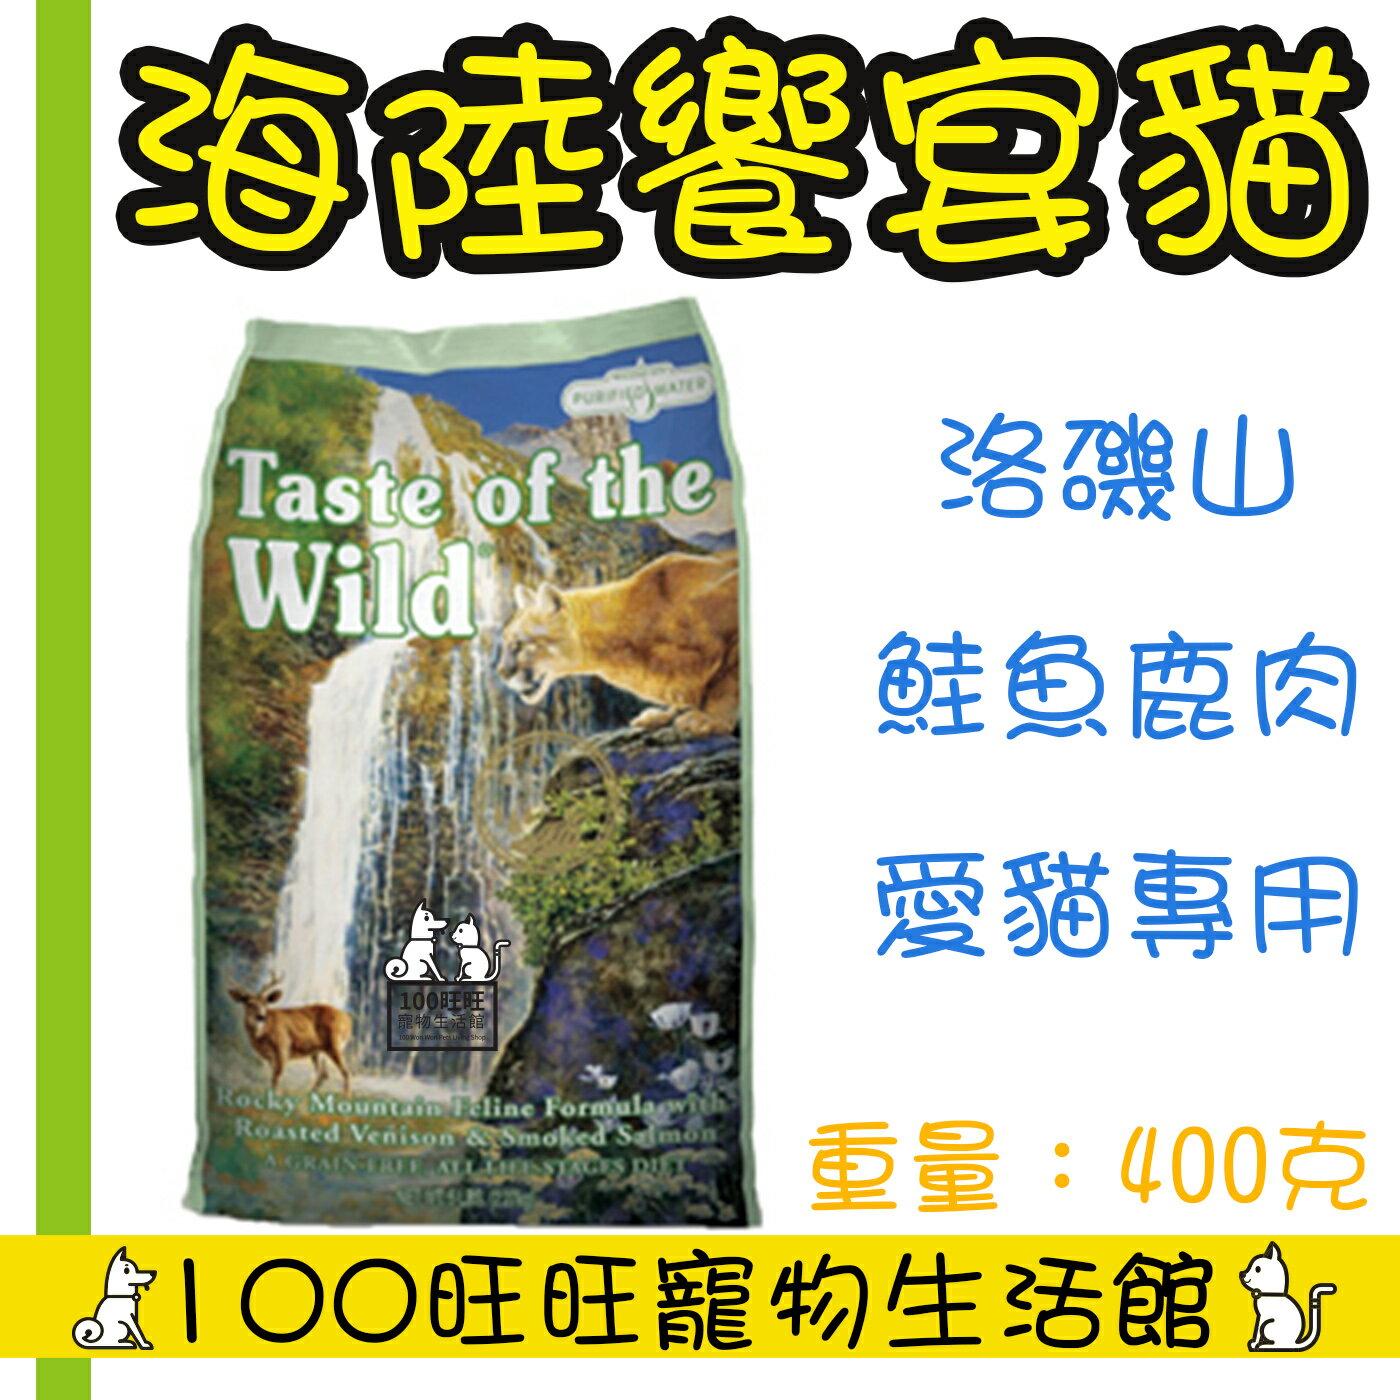 Taste of the Wild 海陸饗宴 洛磯山脈鹿肉鮭魚 貓 400g